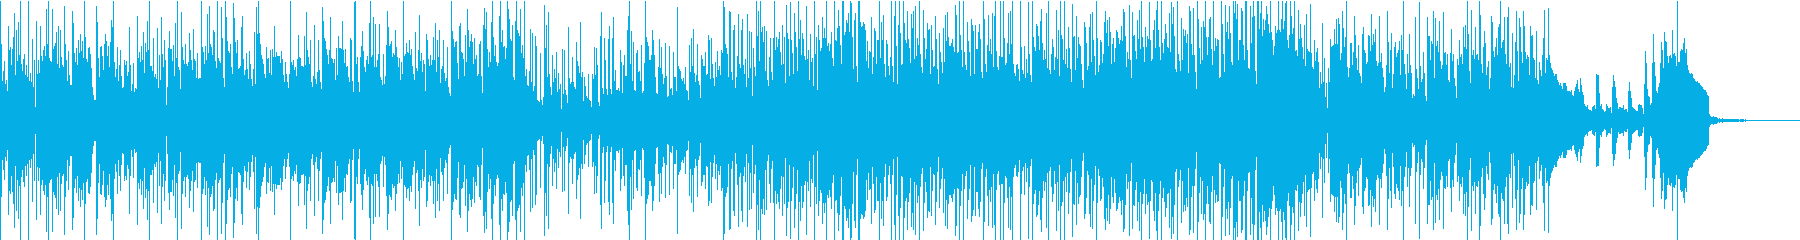 格好いいブラスセクションのファンクロックの再生済みの波形